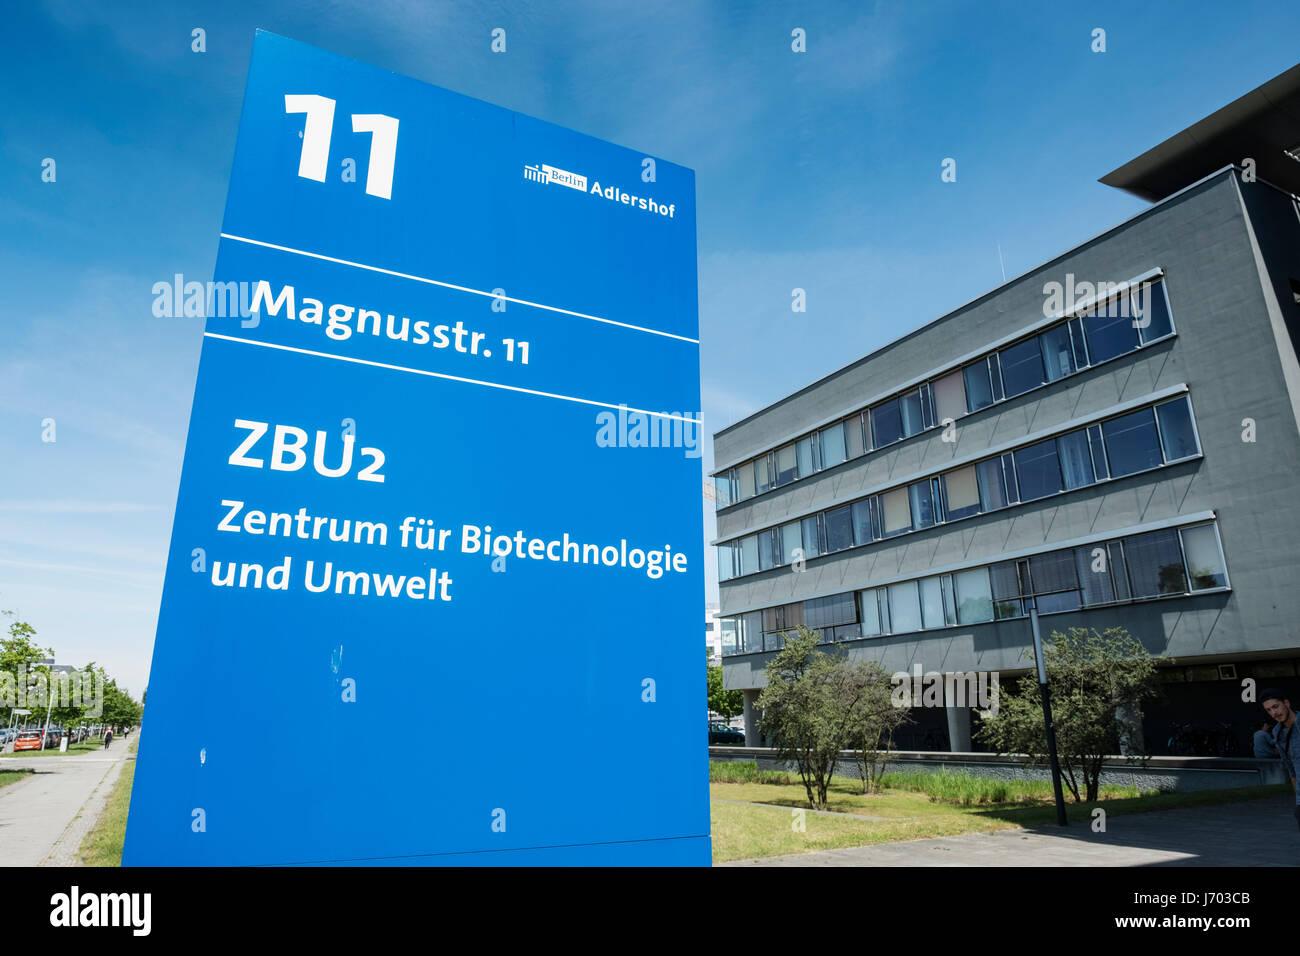 Centro de Biotecnología y el medio ambiente en Adlershof Parque de Ciencia y Tecnología Parque en Berlín, Imagen De Stock